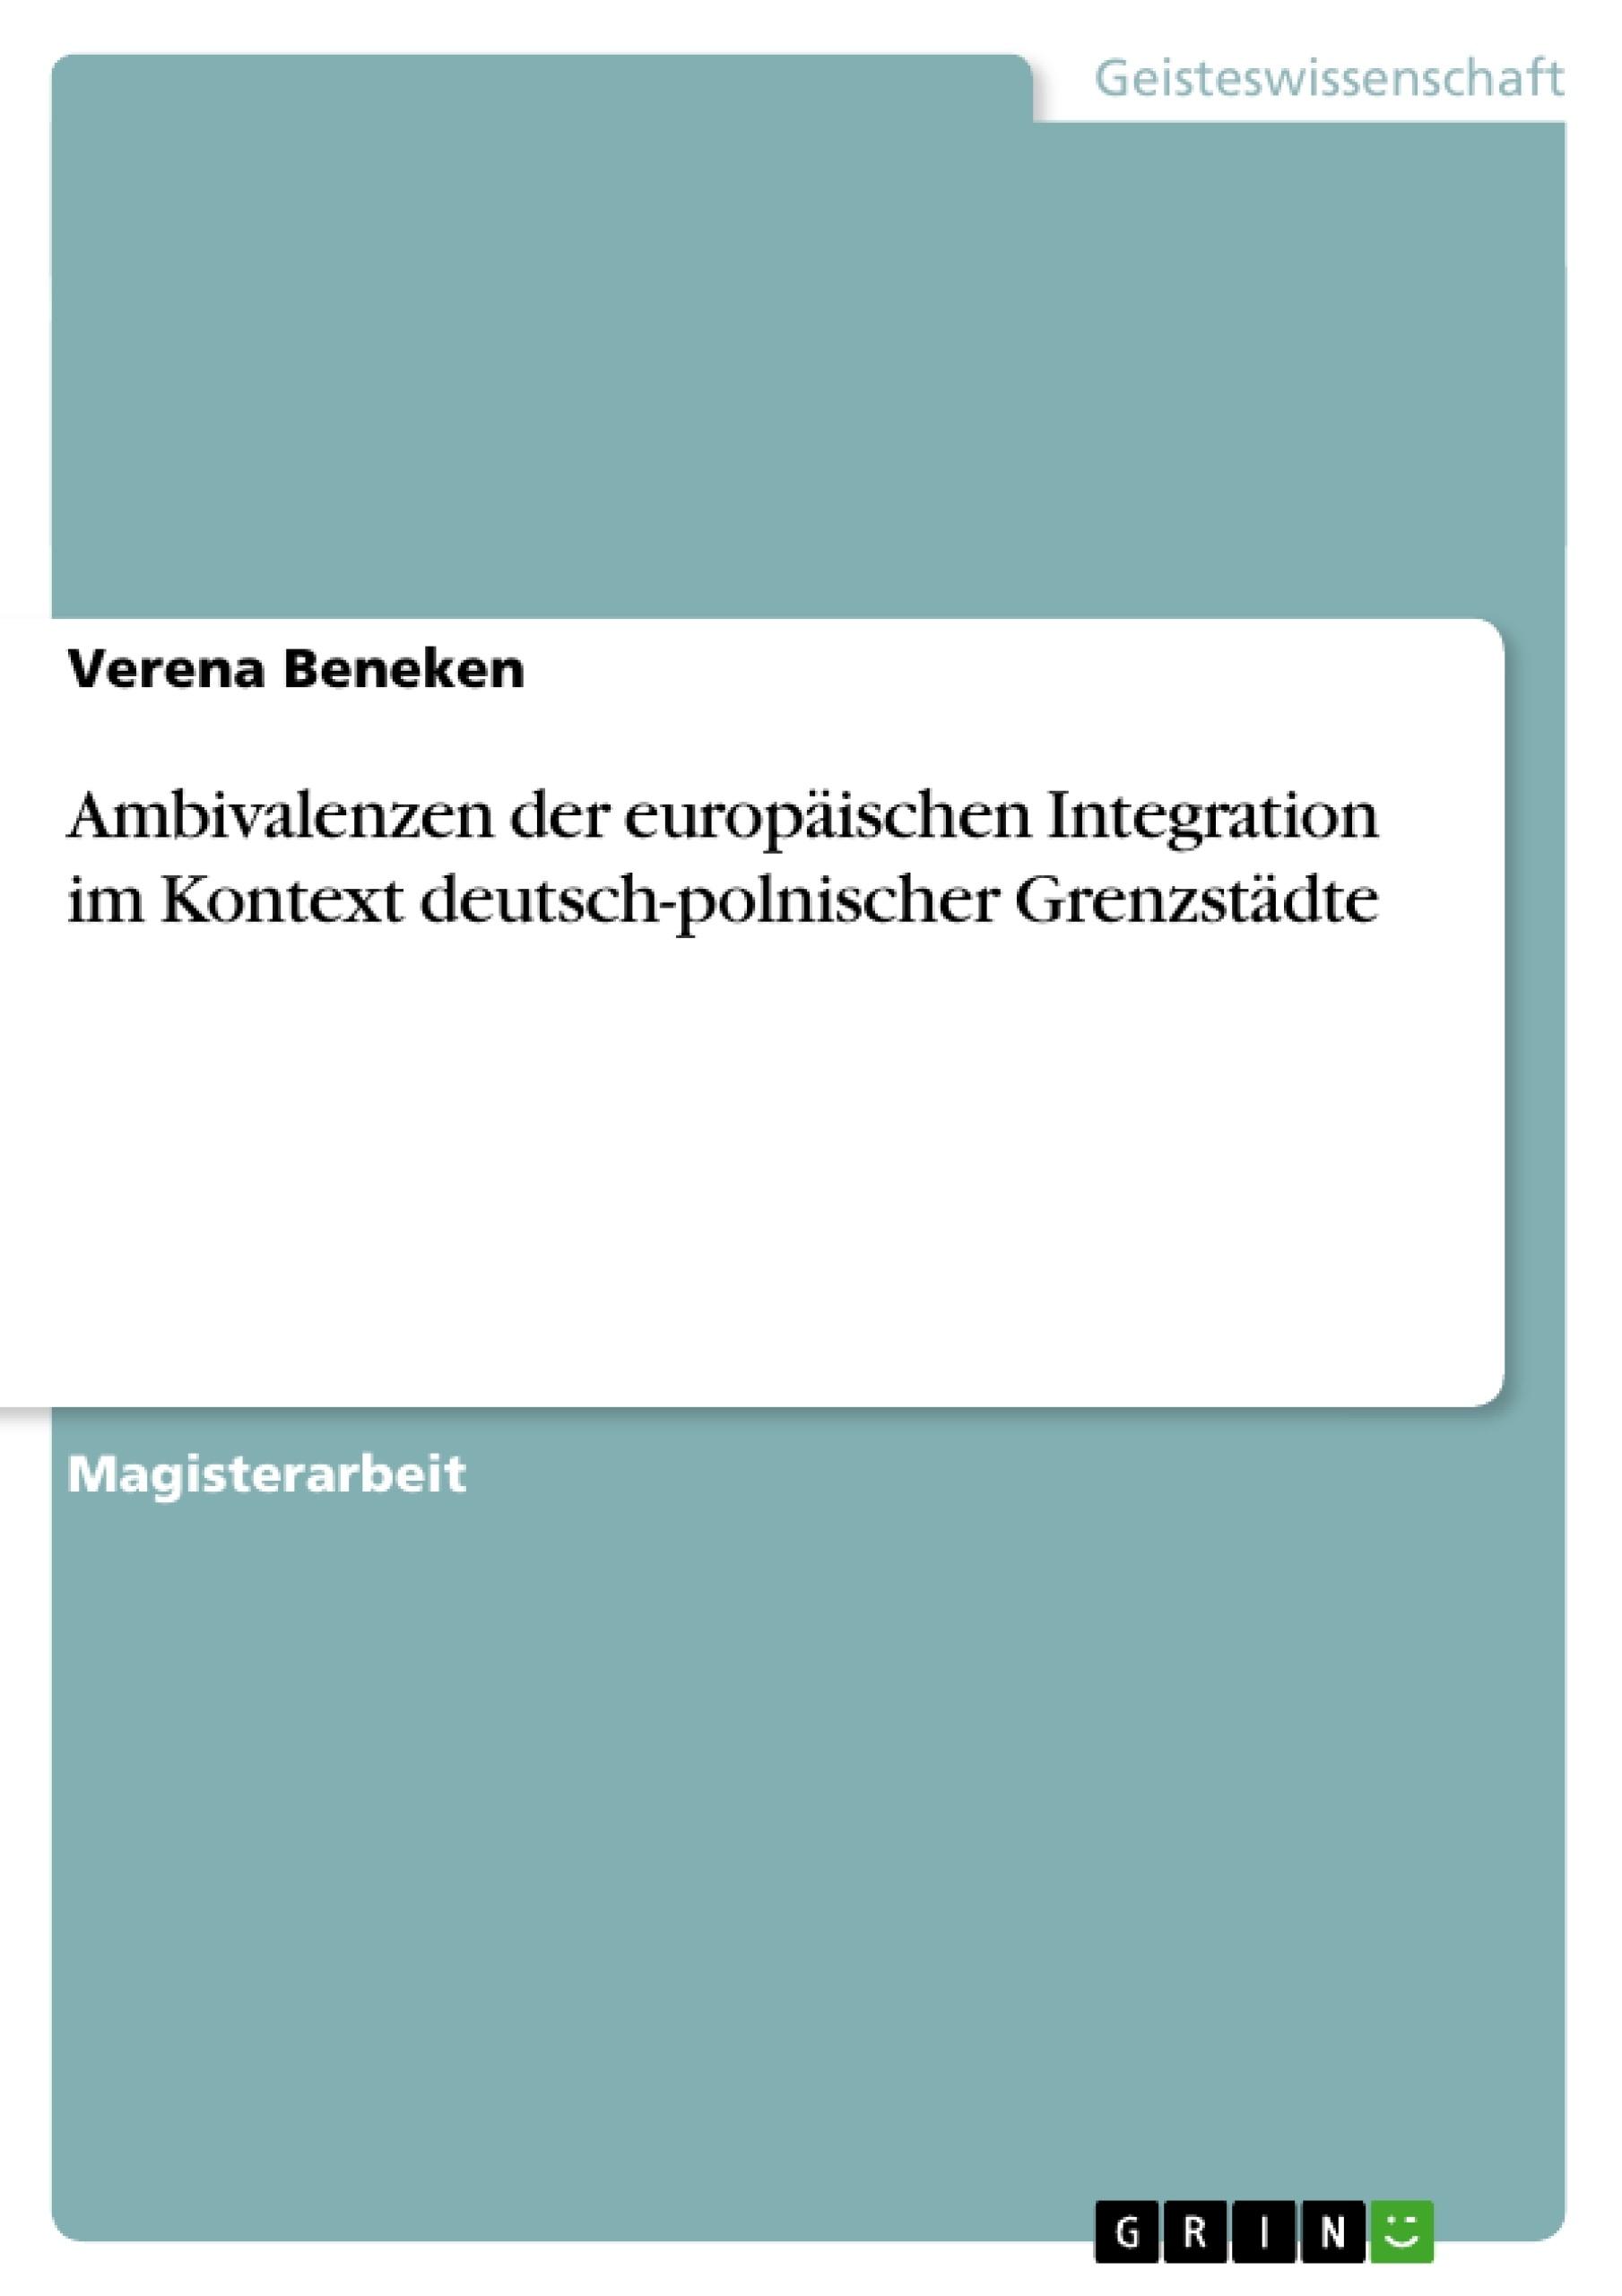 Titel: Ambivalenzen der europäischen Integration im Kontext deutsch-polnischer Grenzstädte